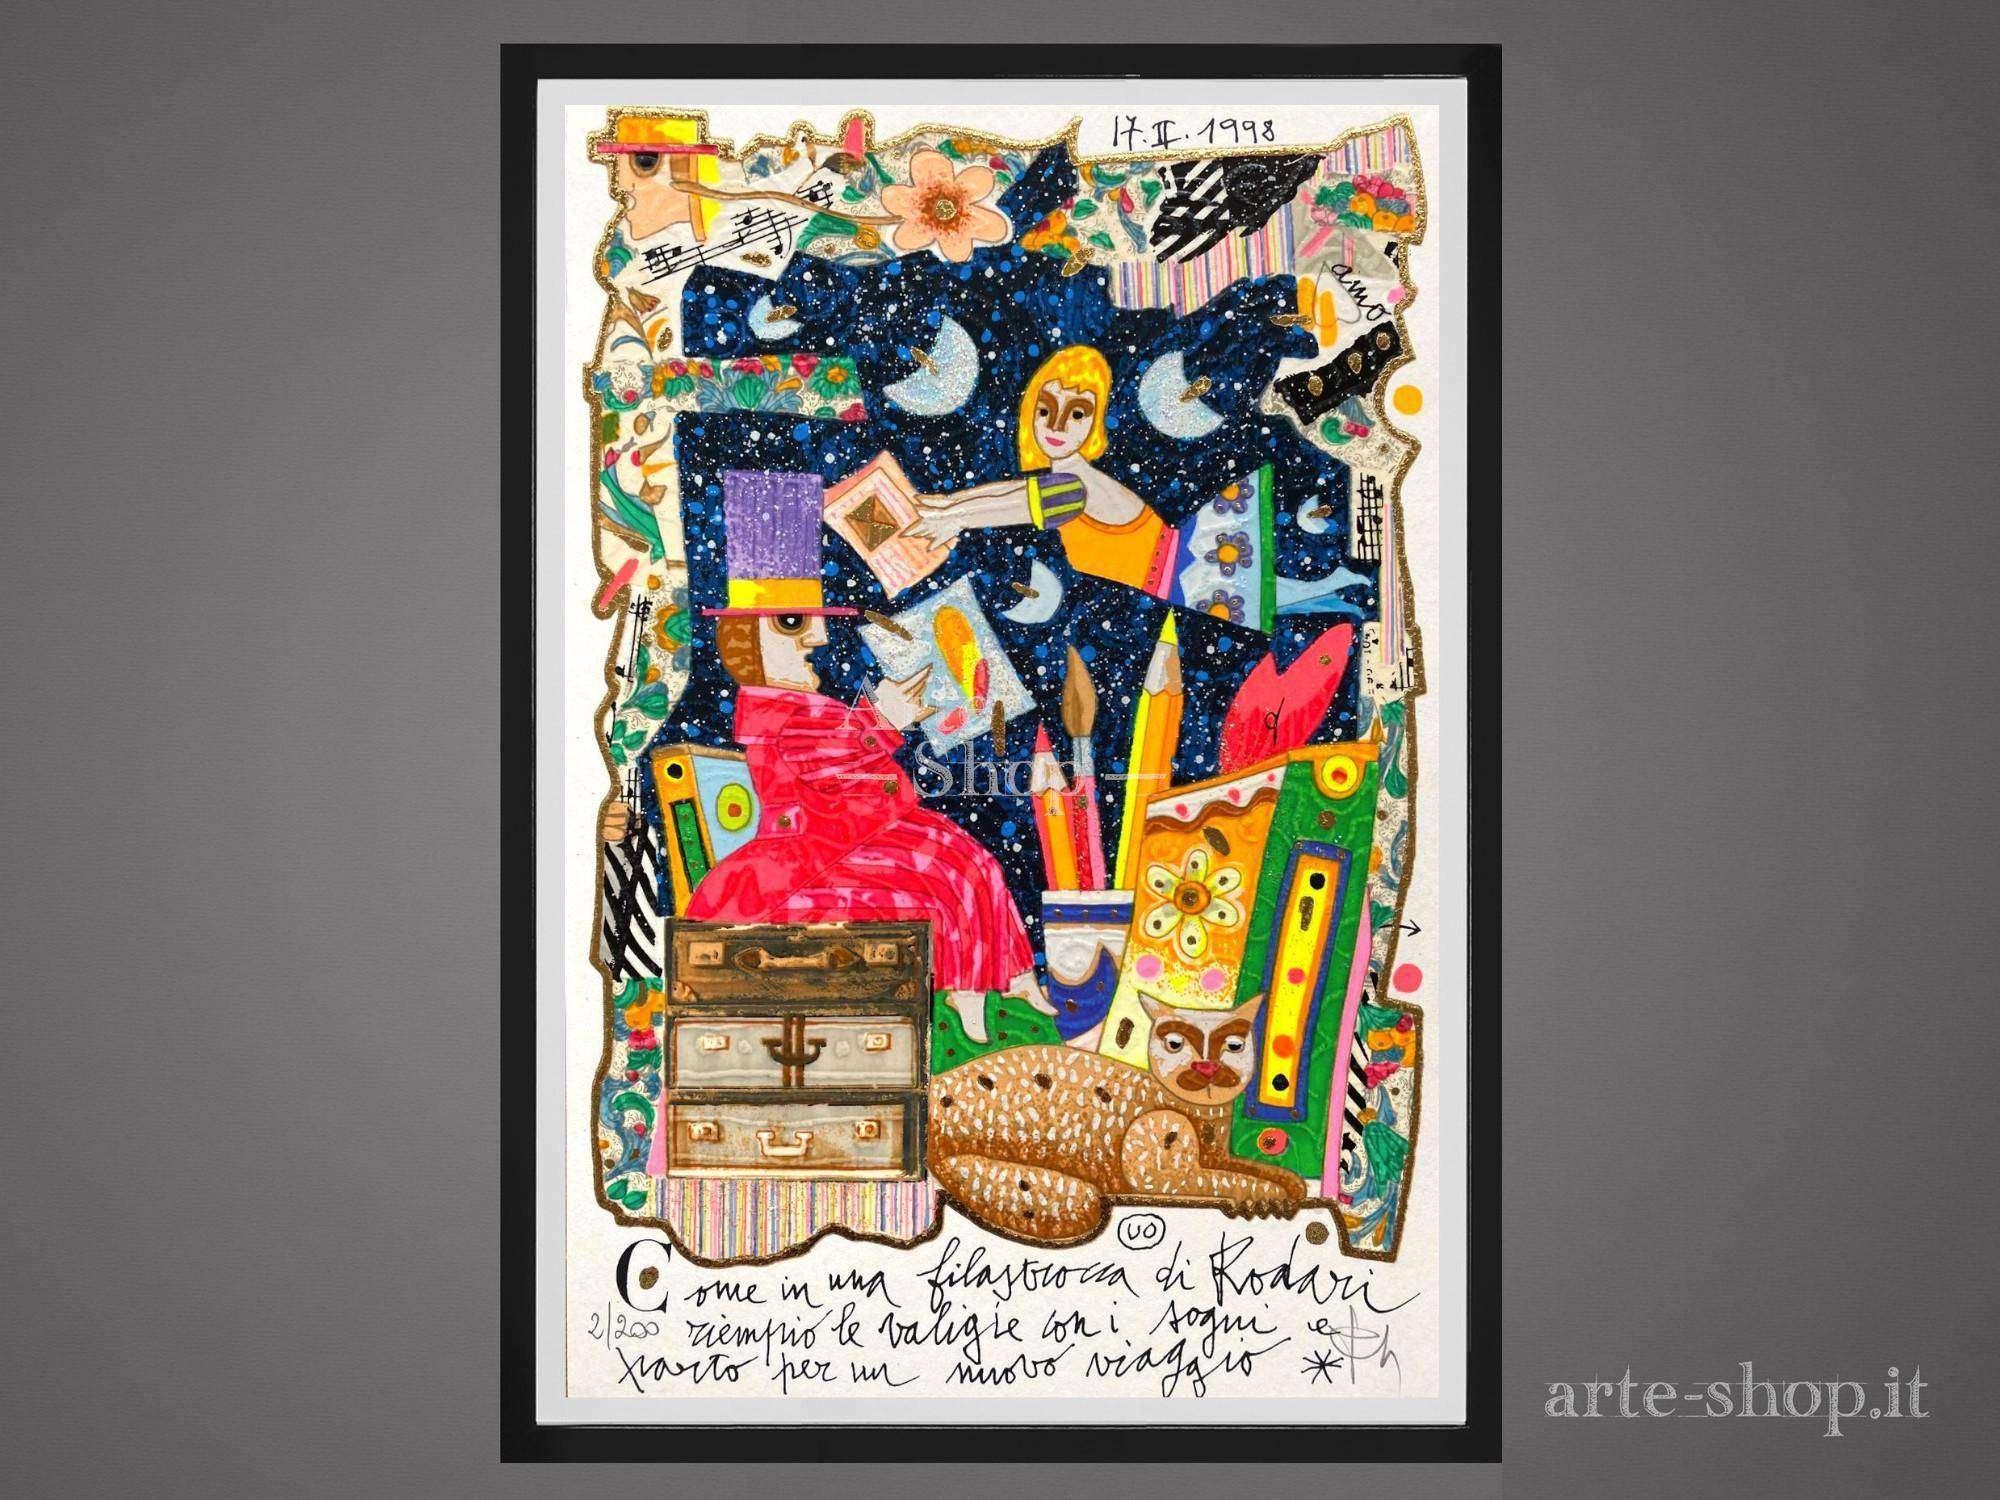 Serigrafia Francesco Musante - Come in una filastrocca